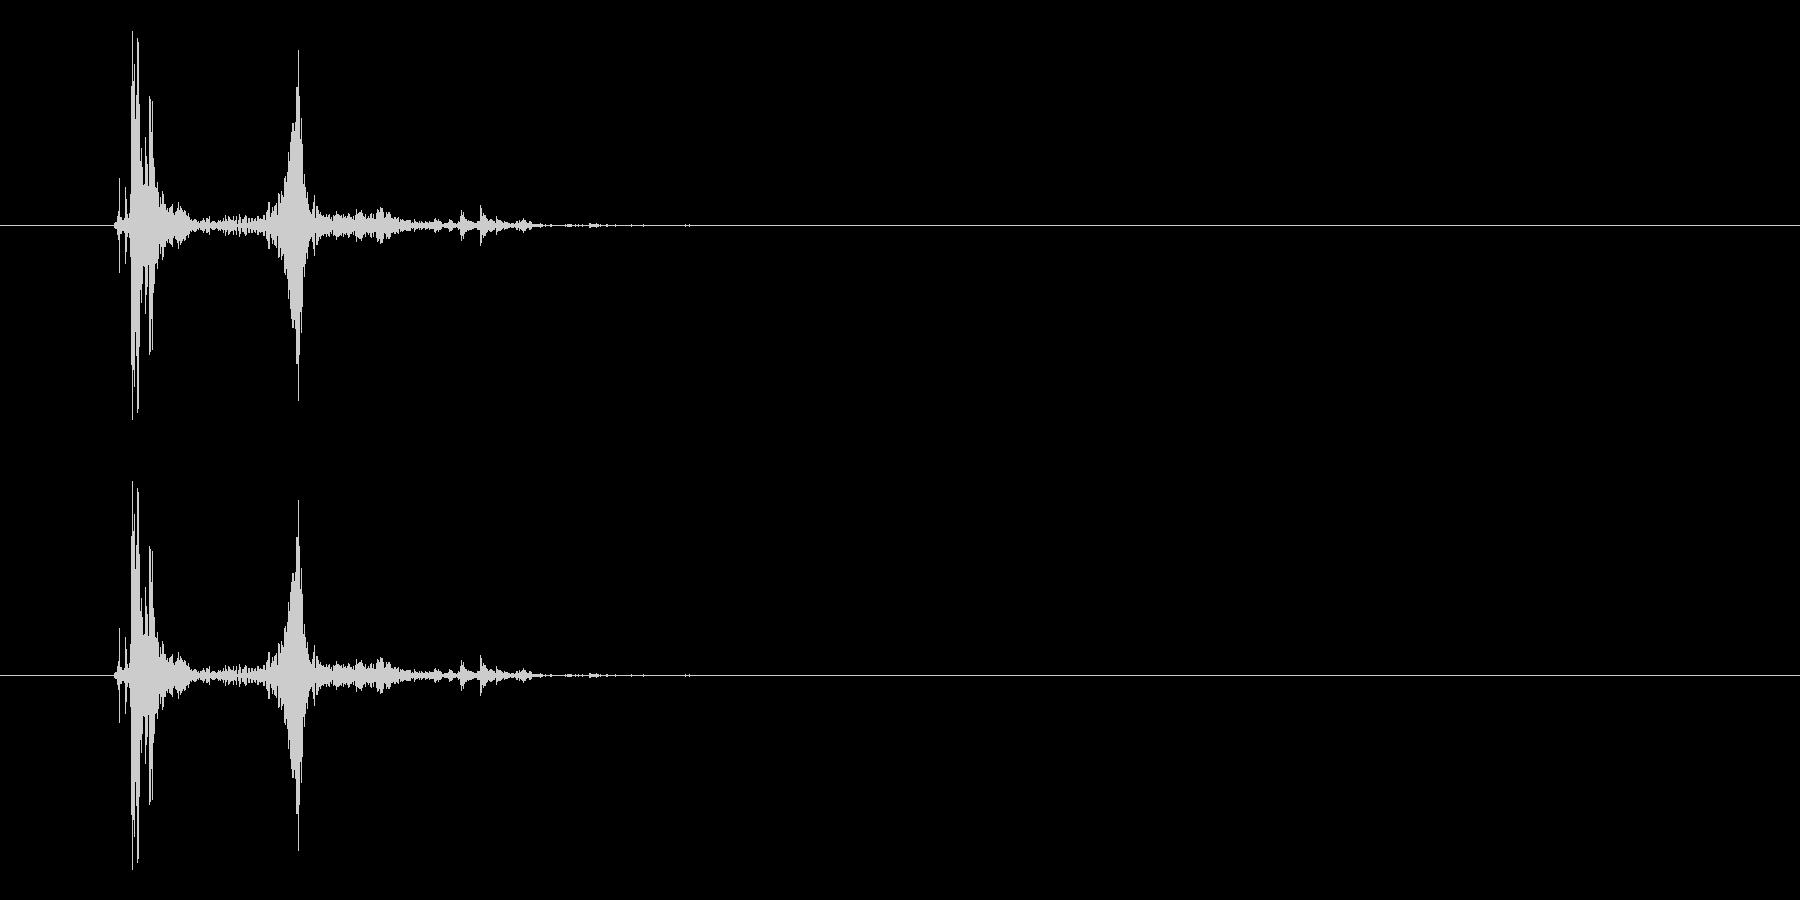 ポッチャン!池ポチャの音2の未再生の波形